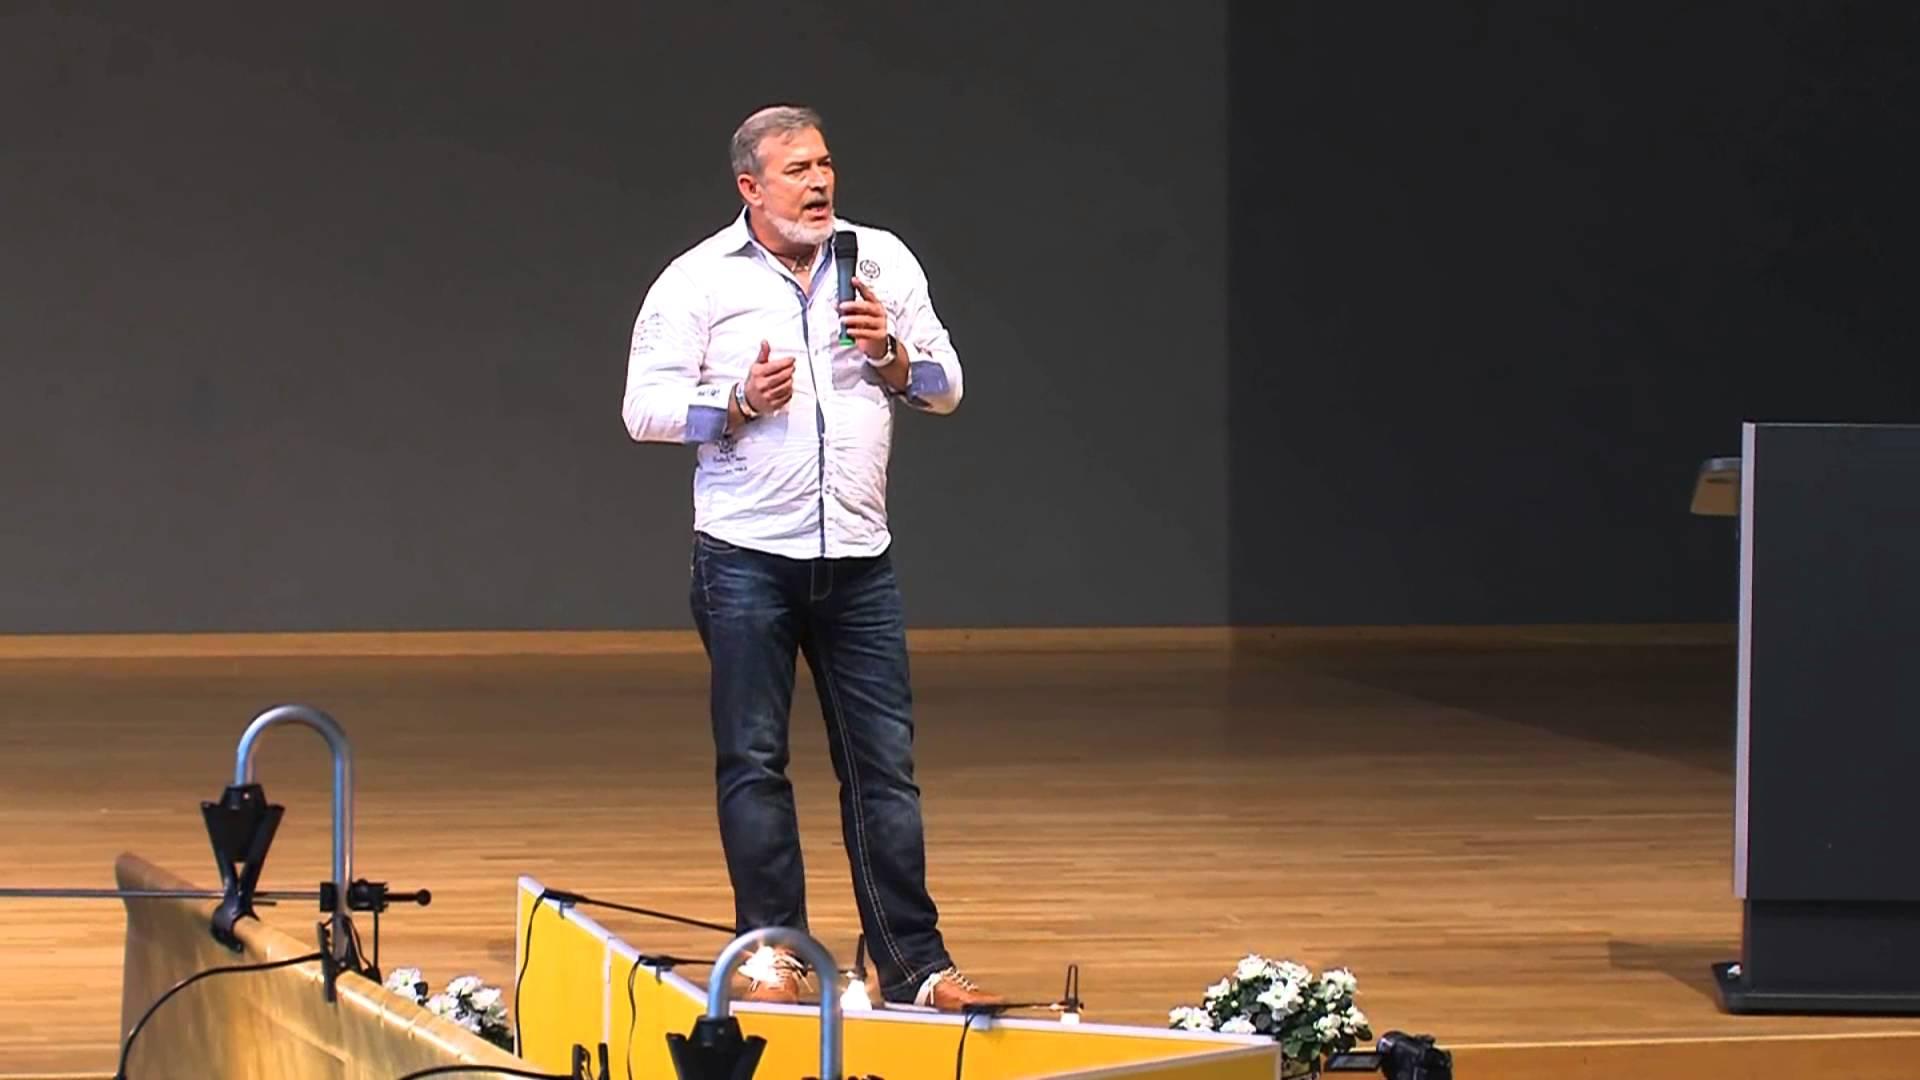 Tom Peter Rietdorf